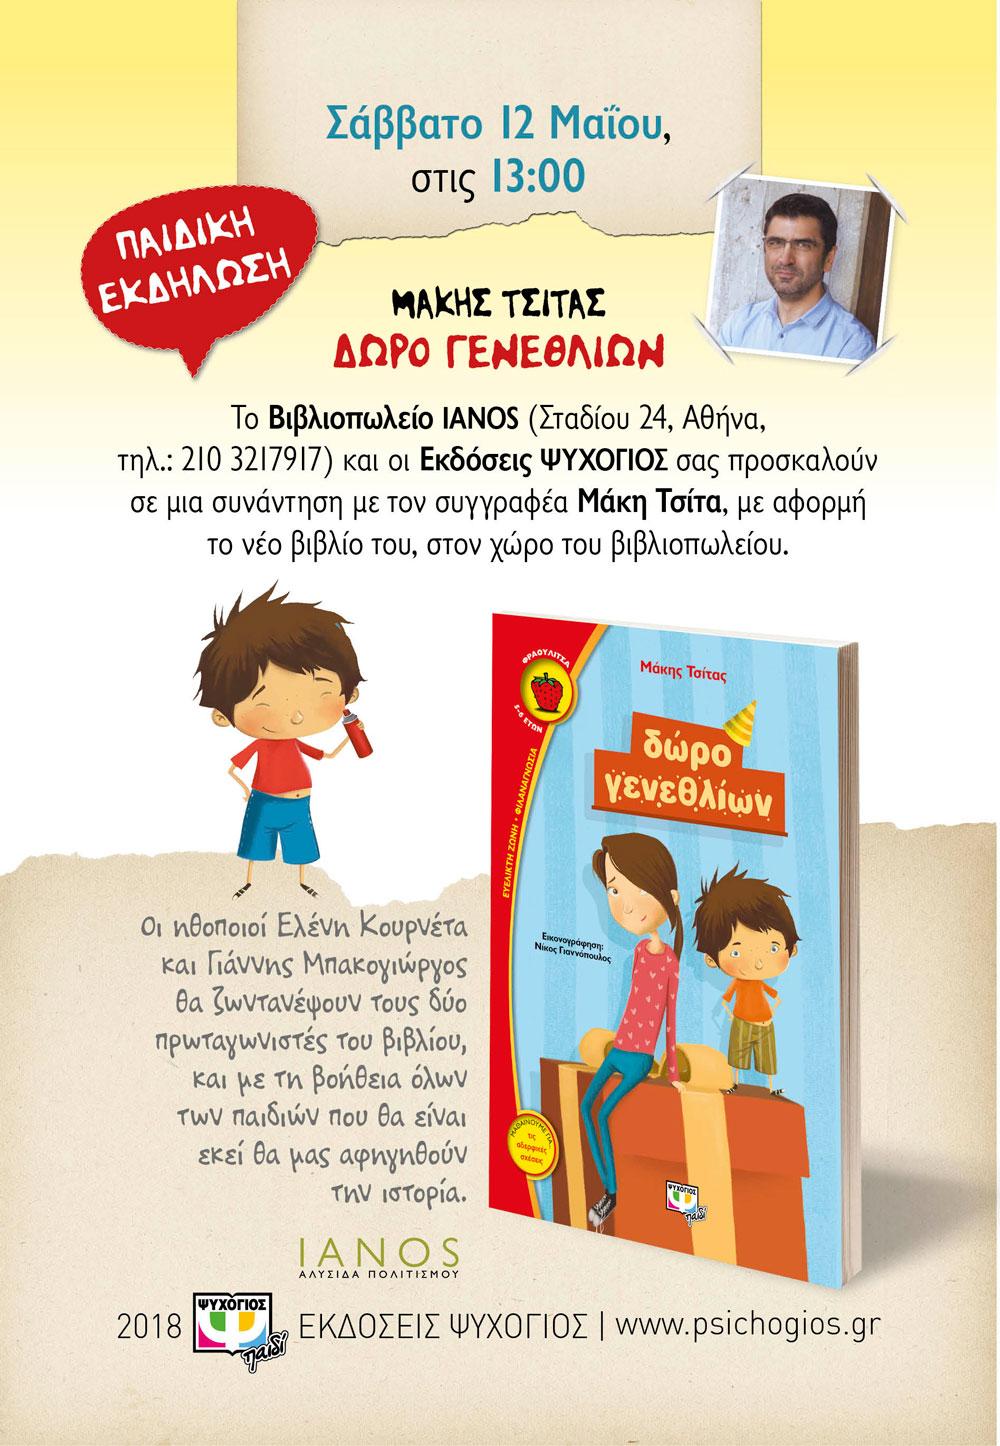 Παρουσίαση του βιβλίου «Δώρο γενεθλίων» του Μάκη Τσίτα στον Ιανό